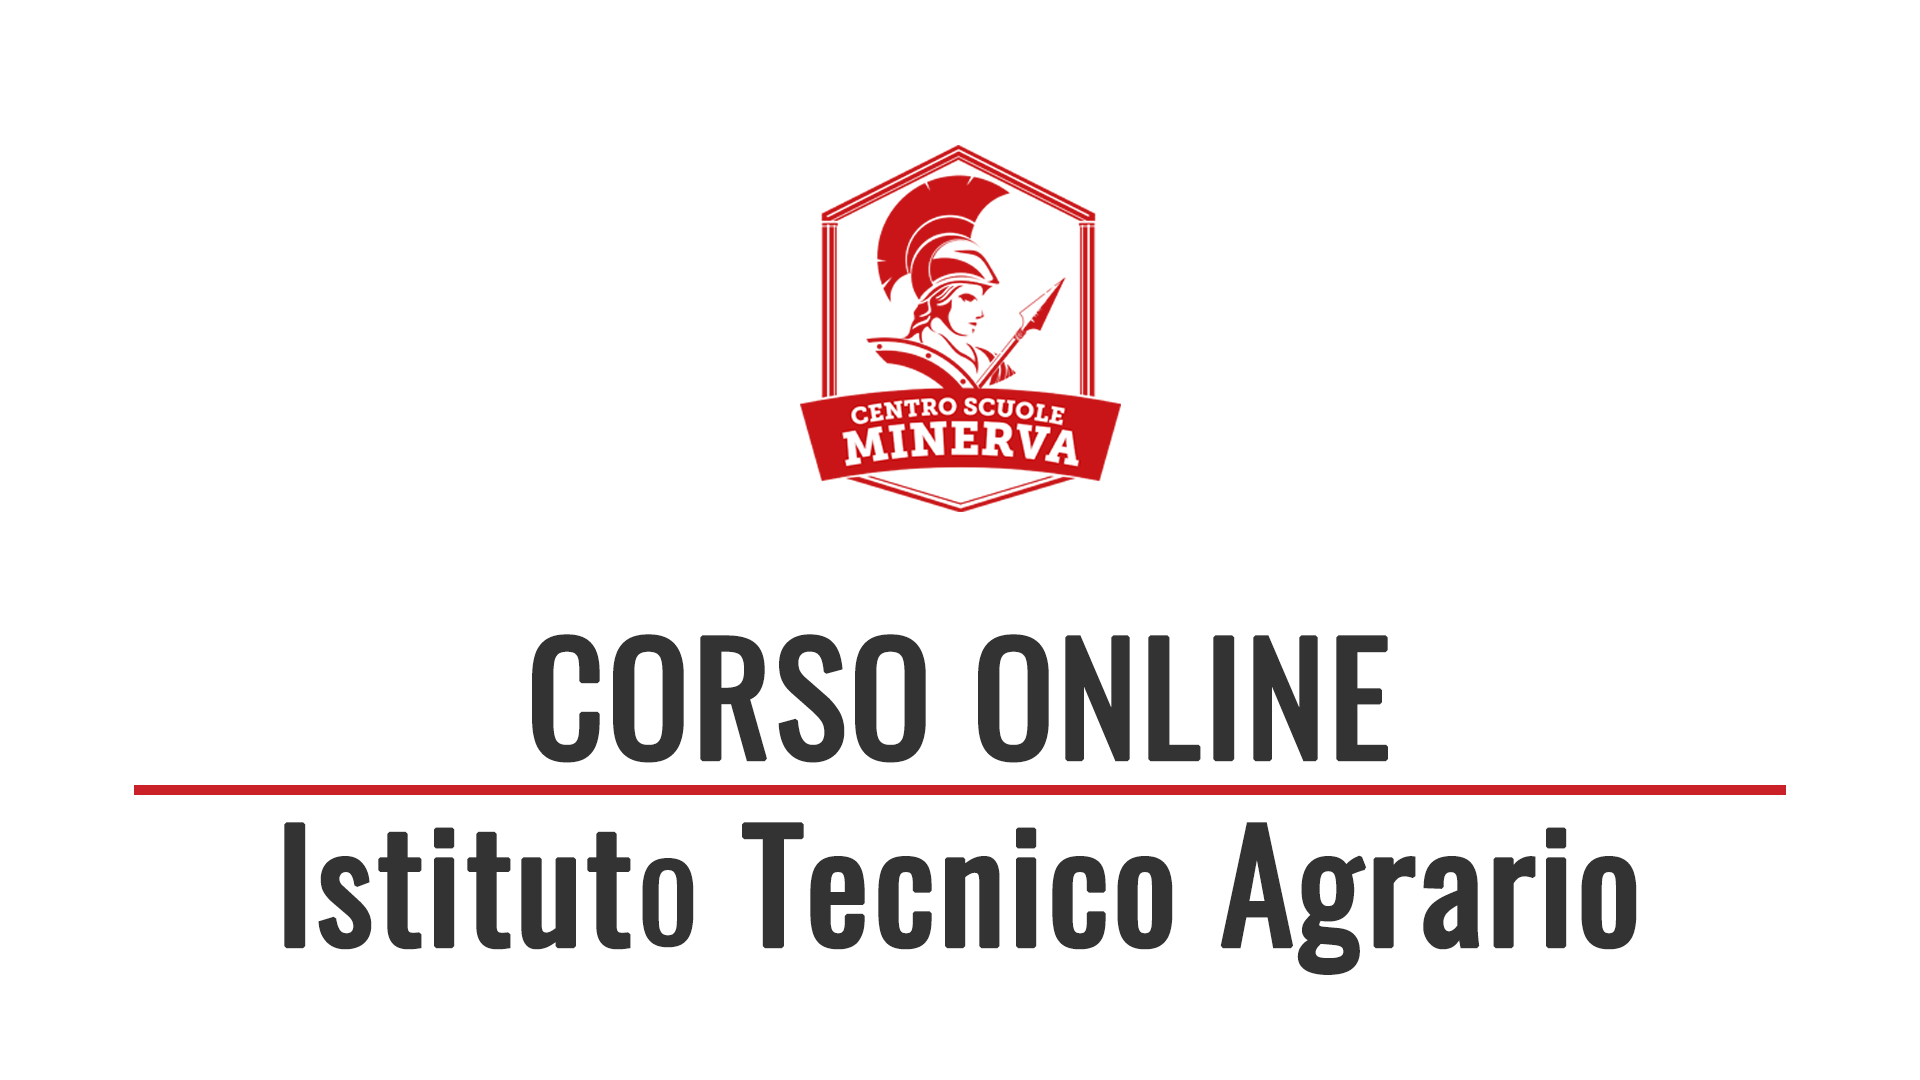 Corso Online Istituto Tecnico Agraria